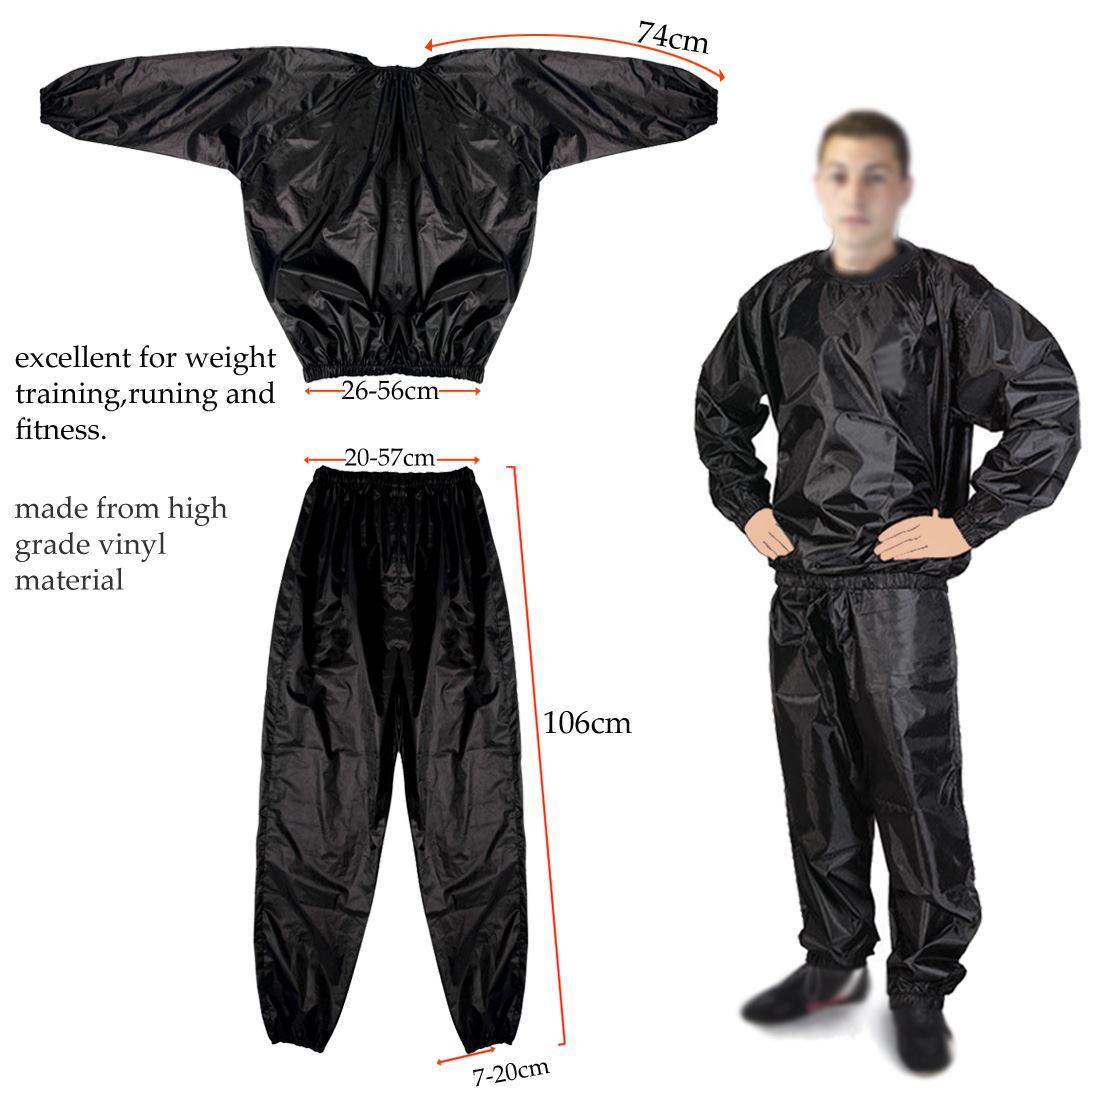 Heavy Duty Sweat Suit Sauna Suit Exercise Gym Suit Fitness